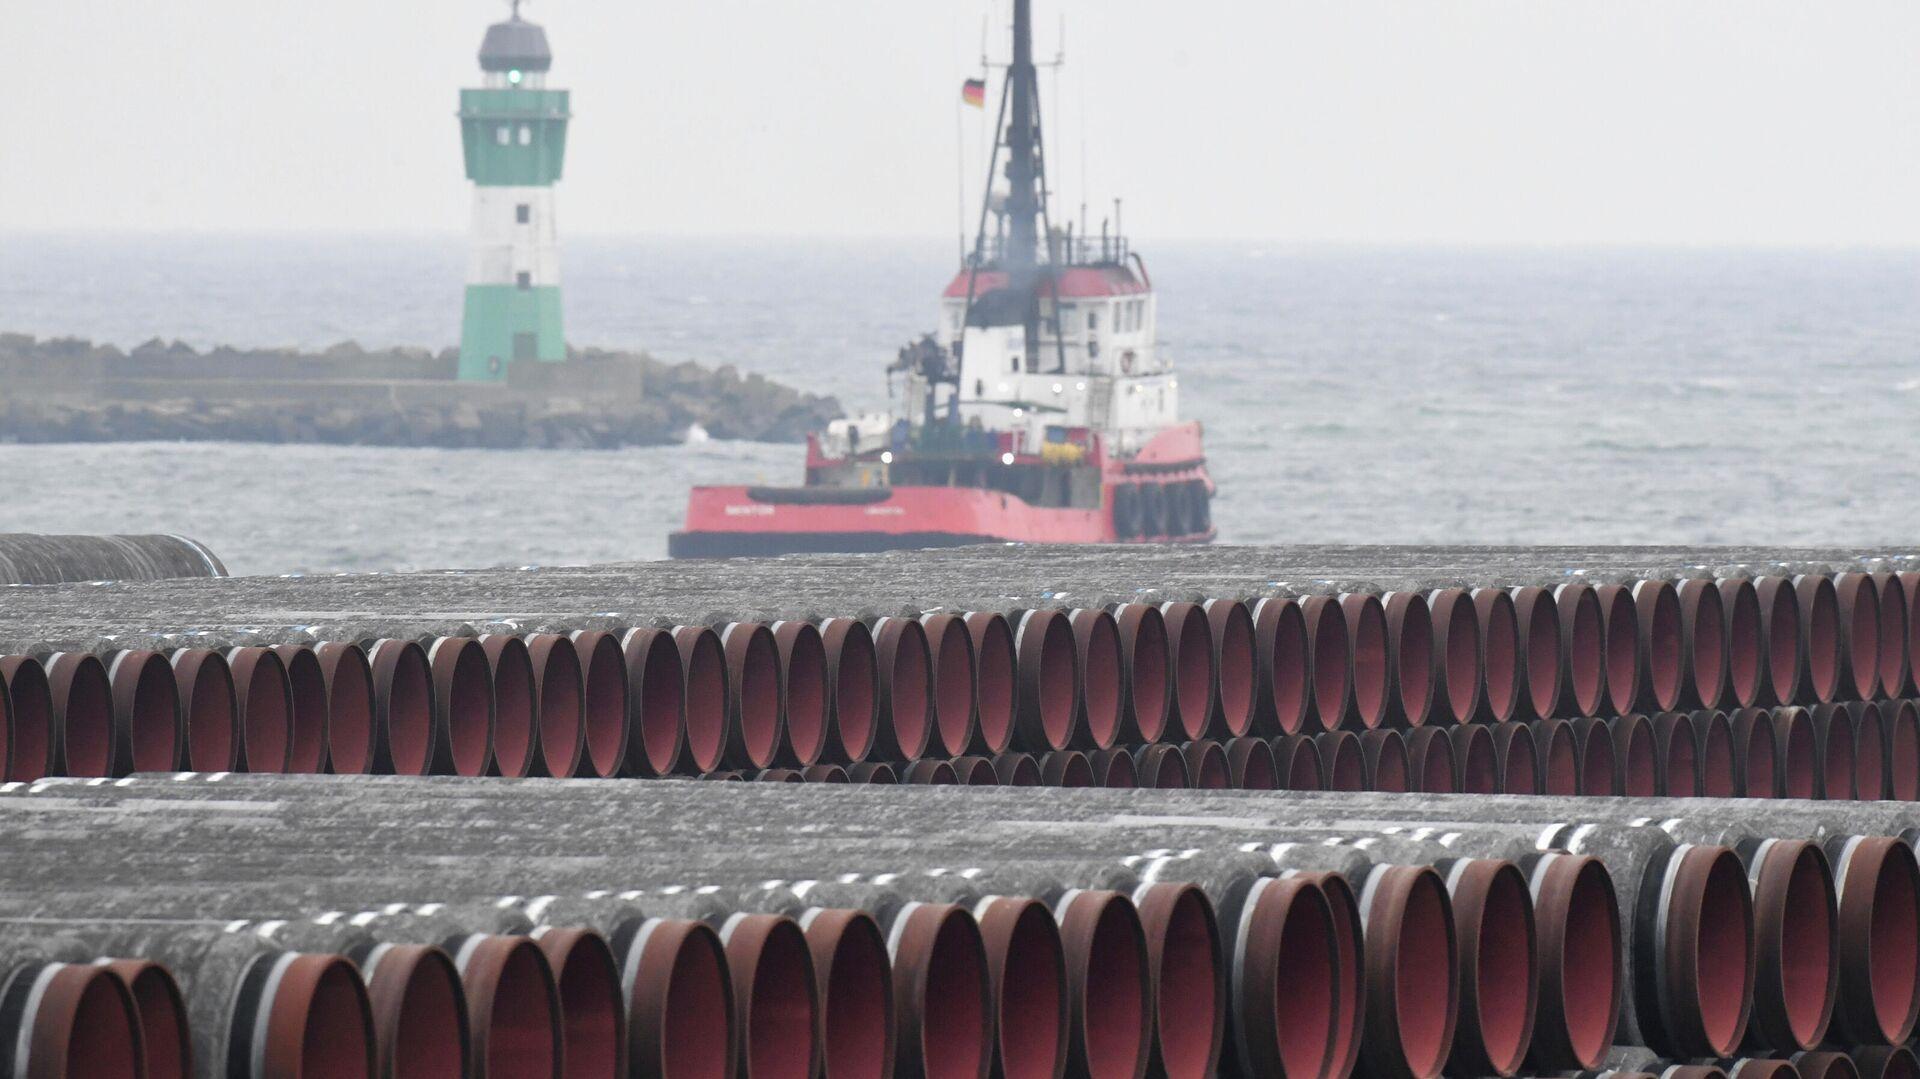 Трубы для строительства газопровода Nord Stream 2 в порту Мукран, Германия - РИА Новости, 1920, 11.12.2020